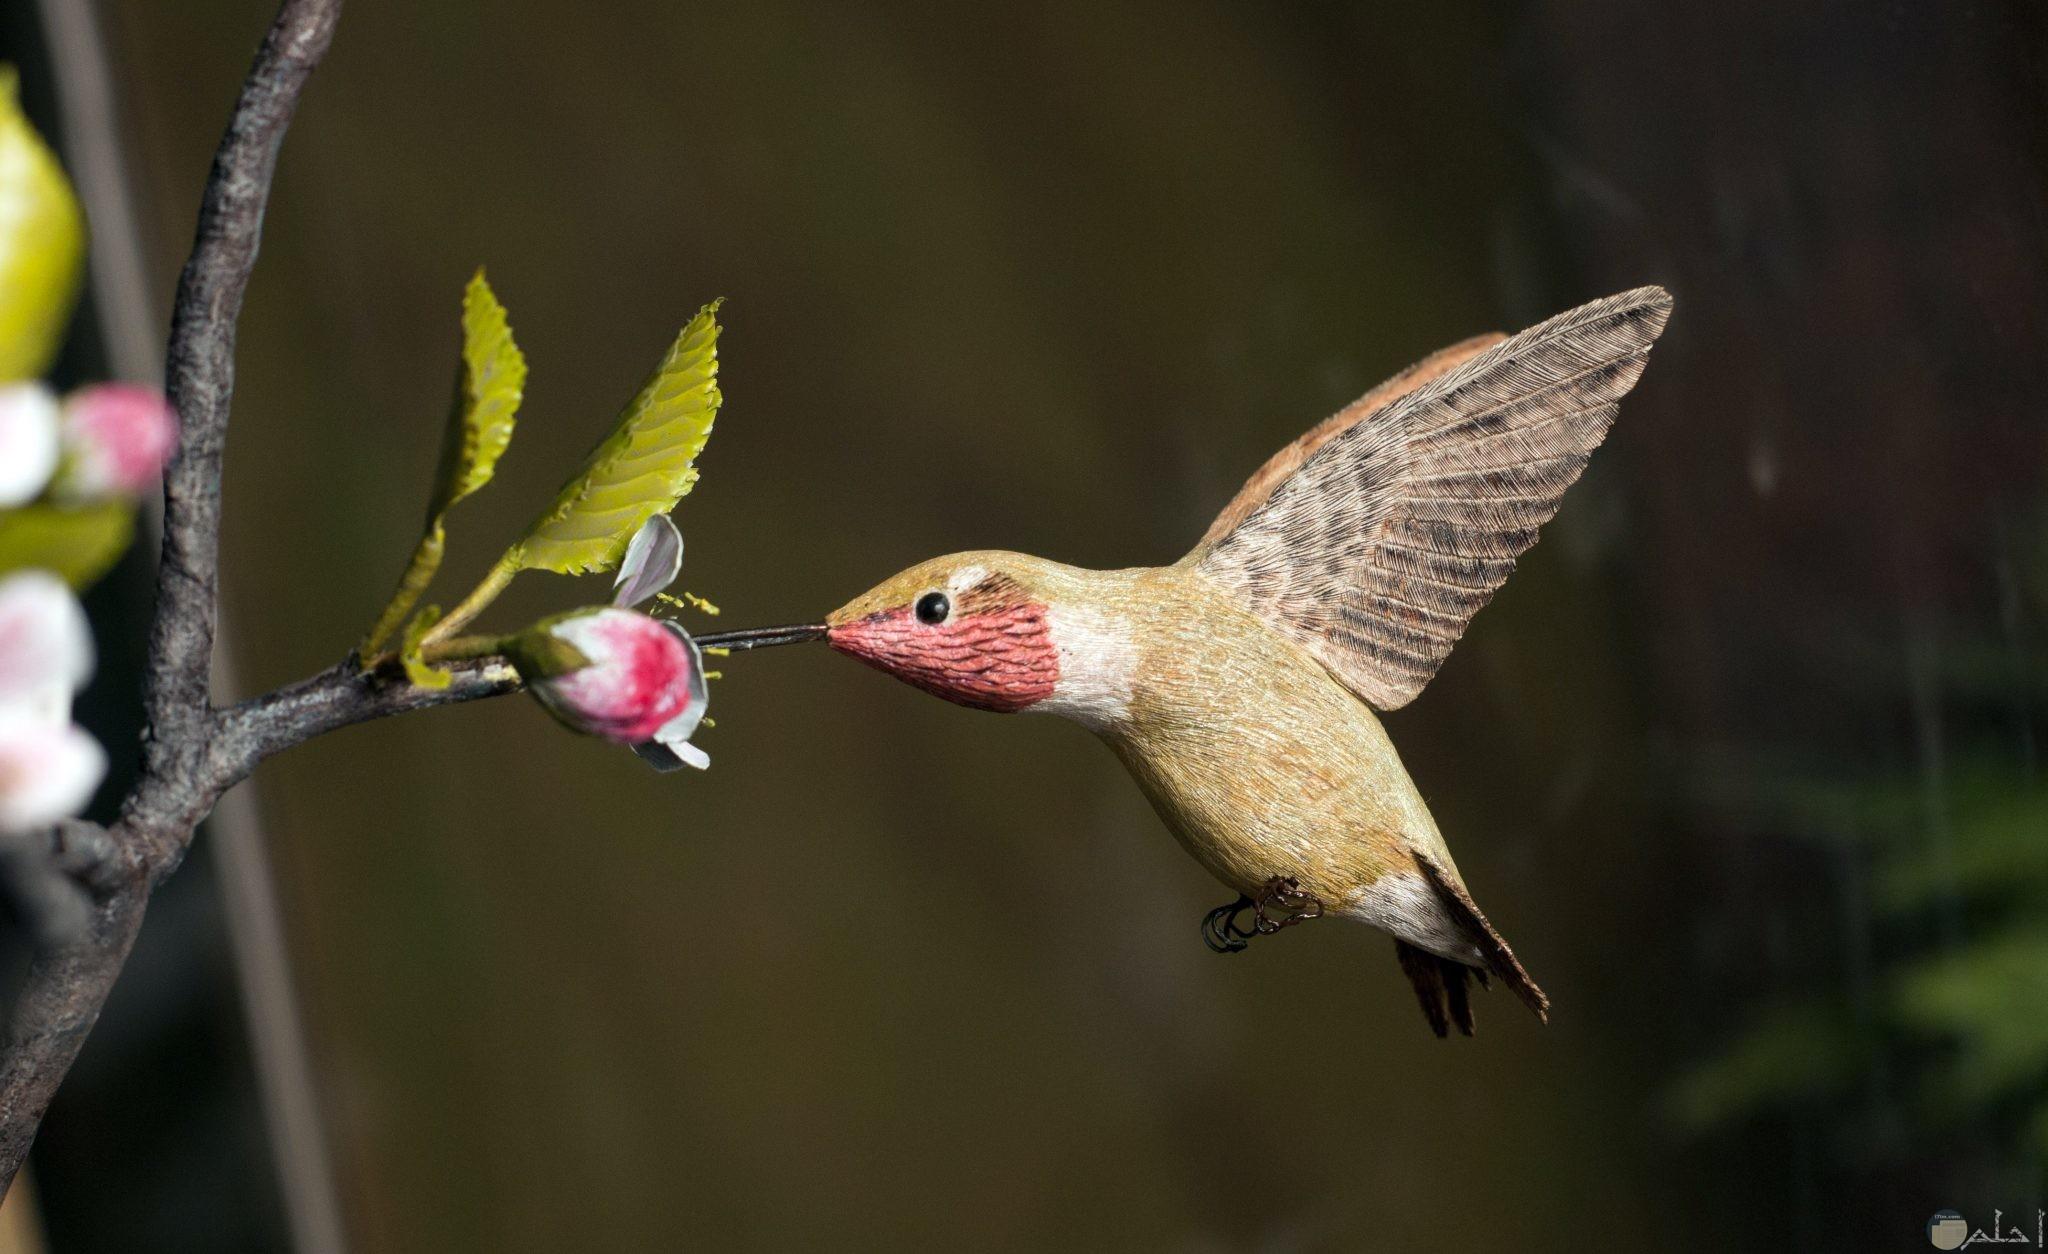 صورة عصفور ملون يأكل من زهرة صغيرة